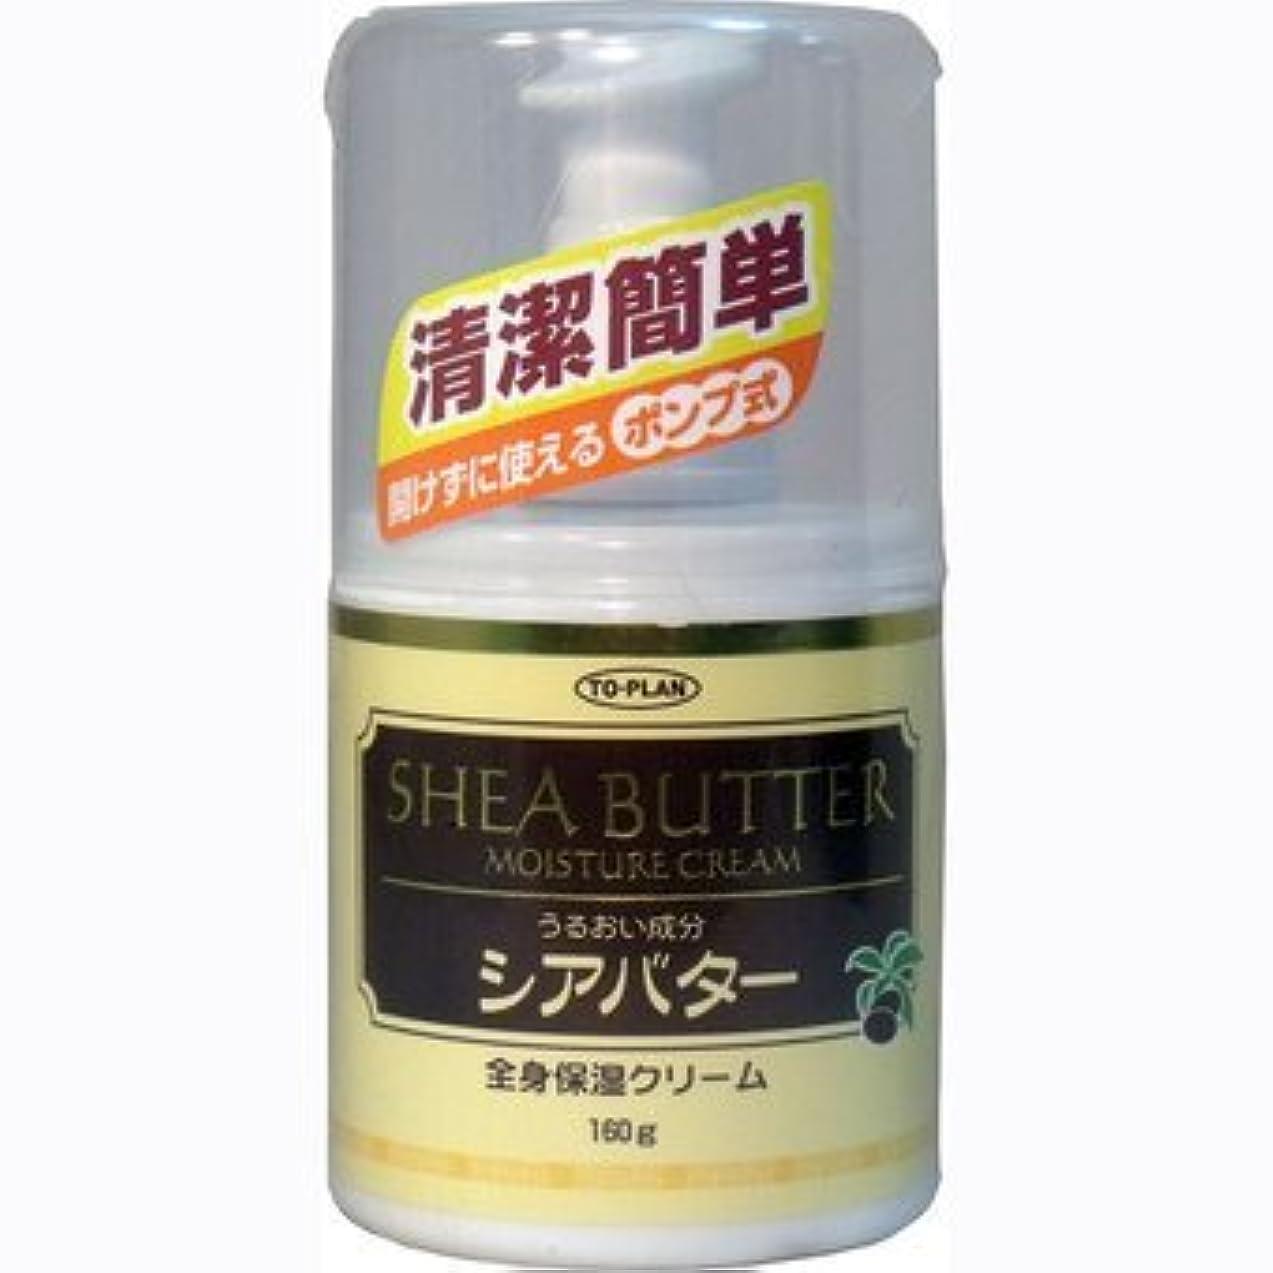 メンバー推定フィードバックトプランお肌の乾燥を防ぐ 全身保湿クリーム シアバター ポンプ式 160g×3個